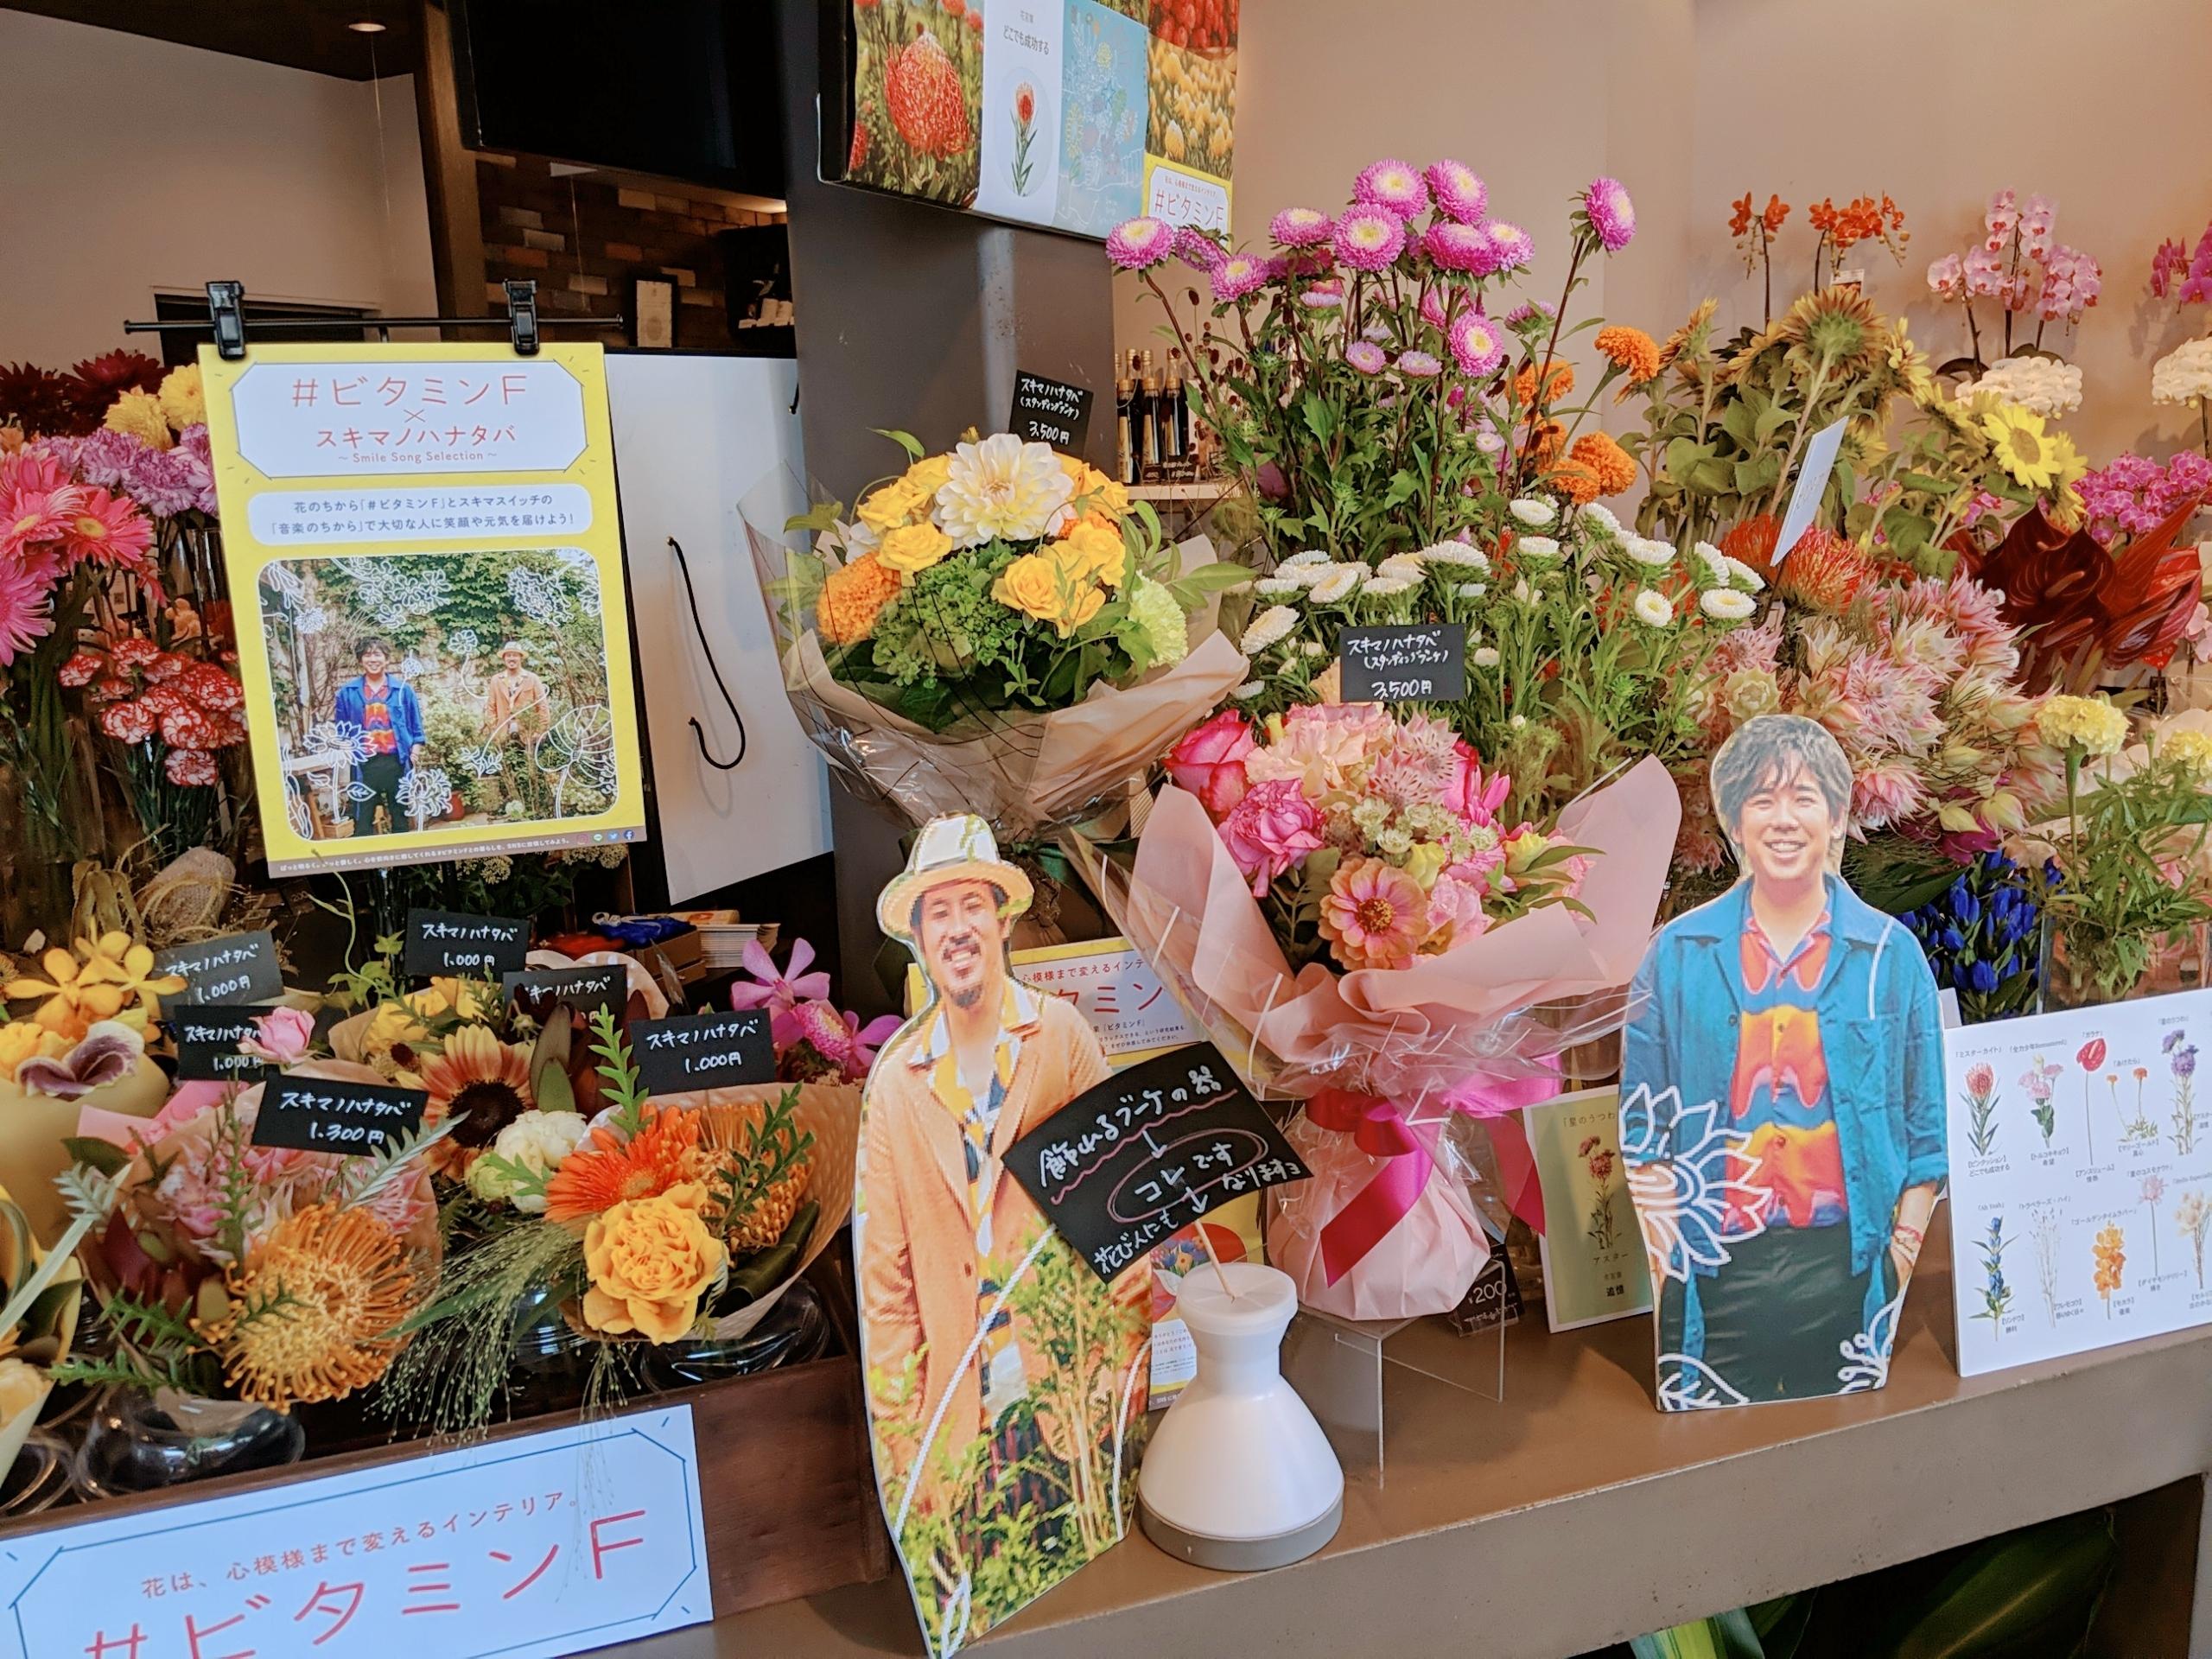 20-08-21-10-34-23-699_photo